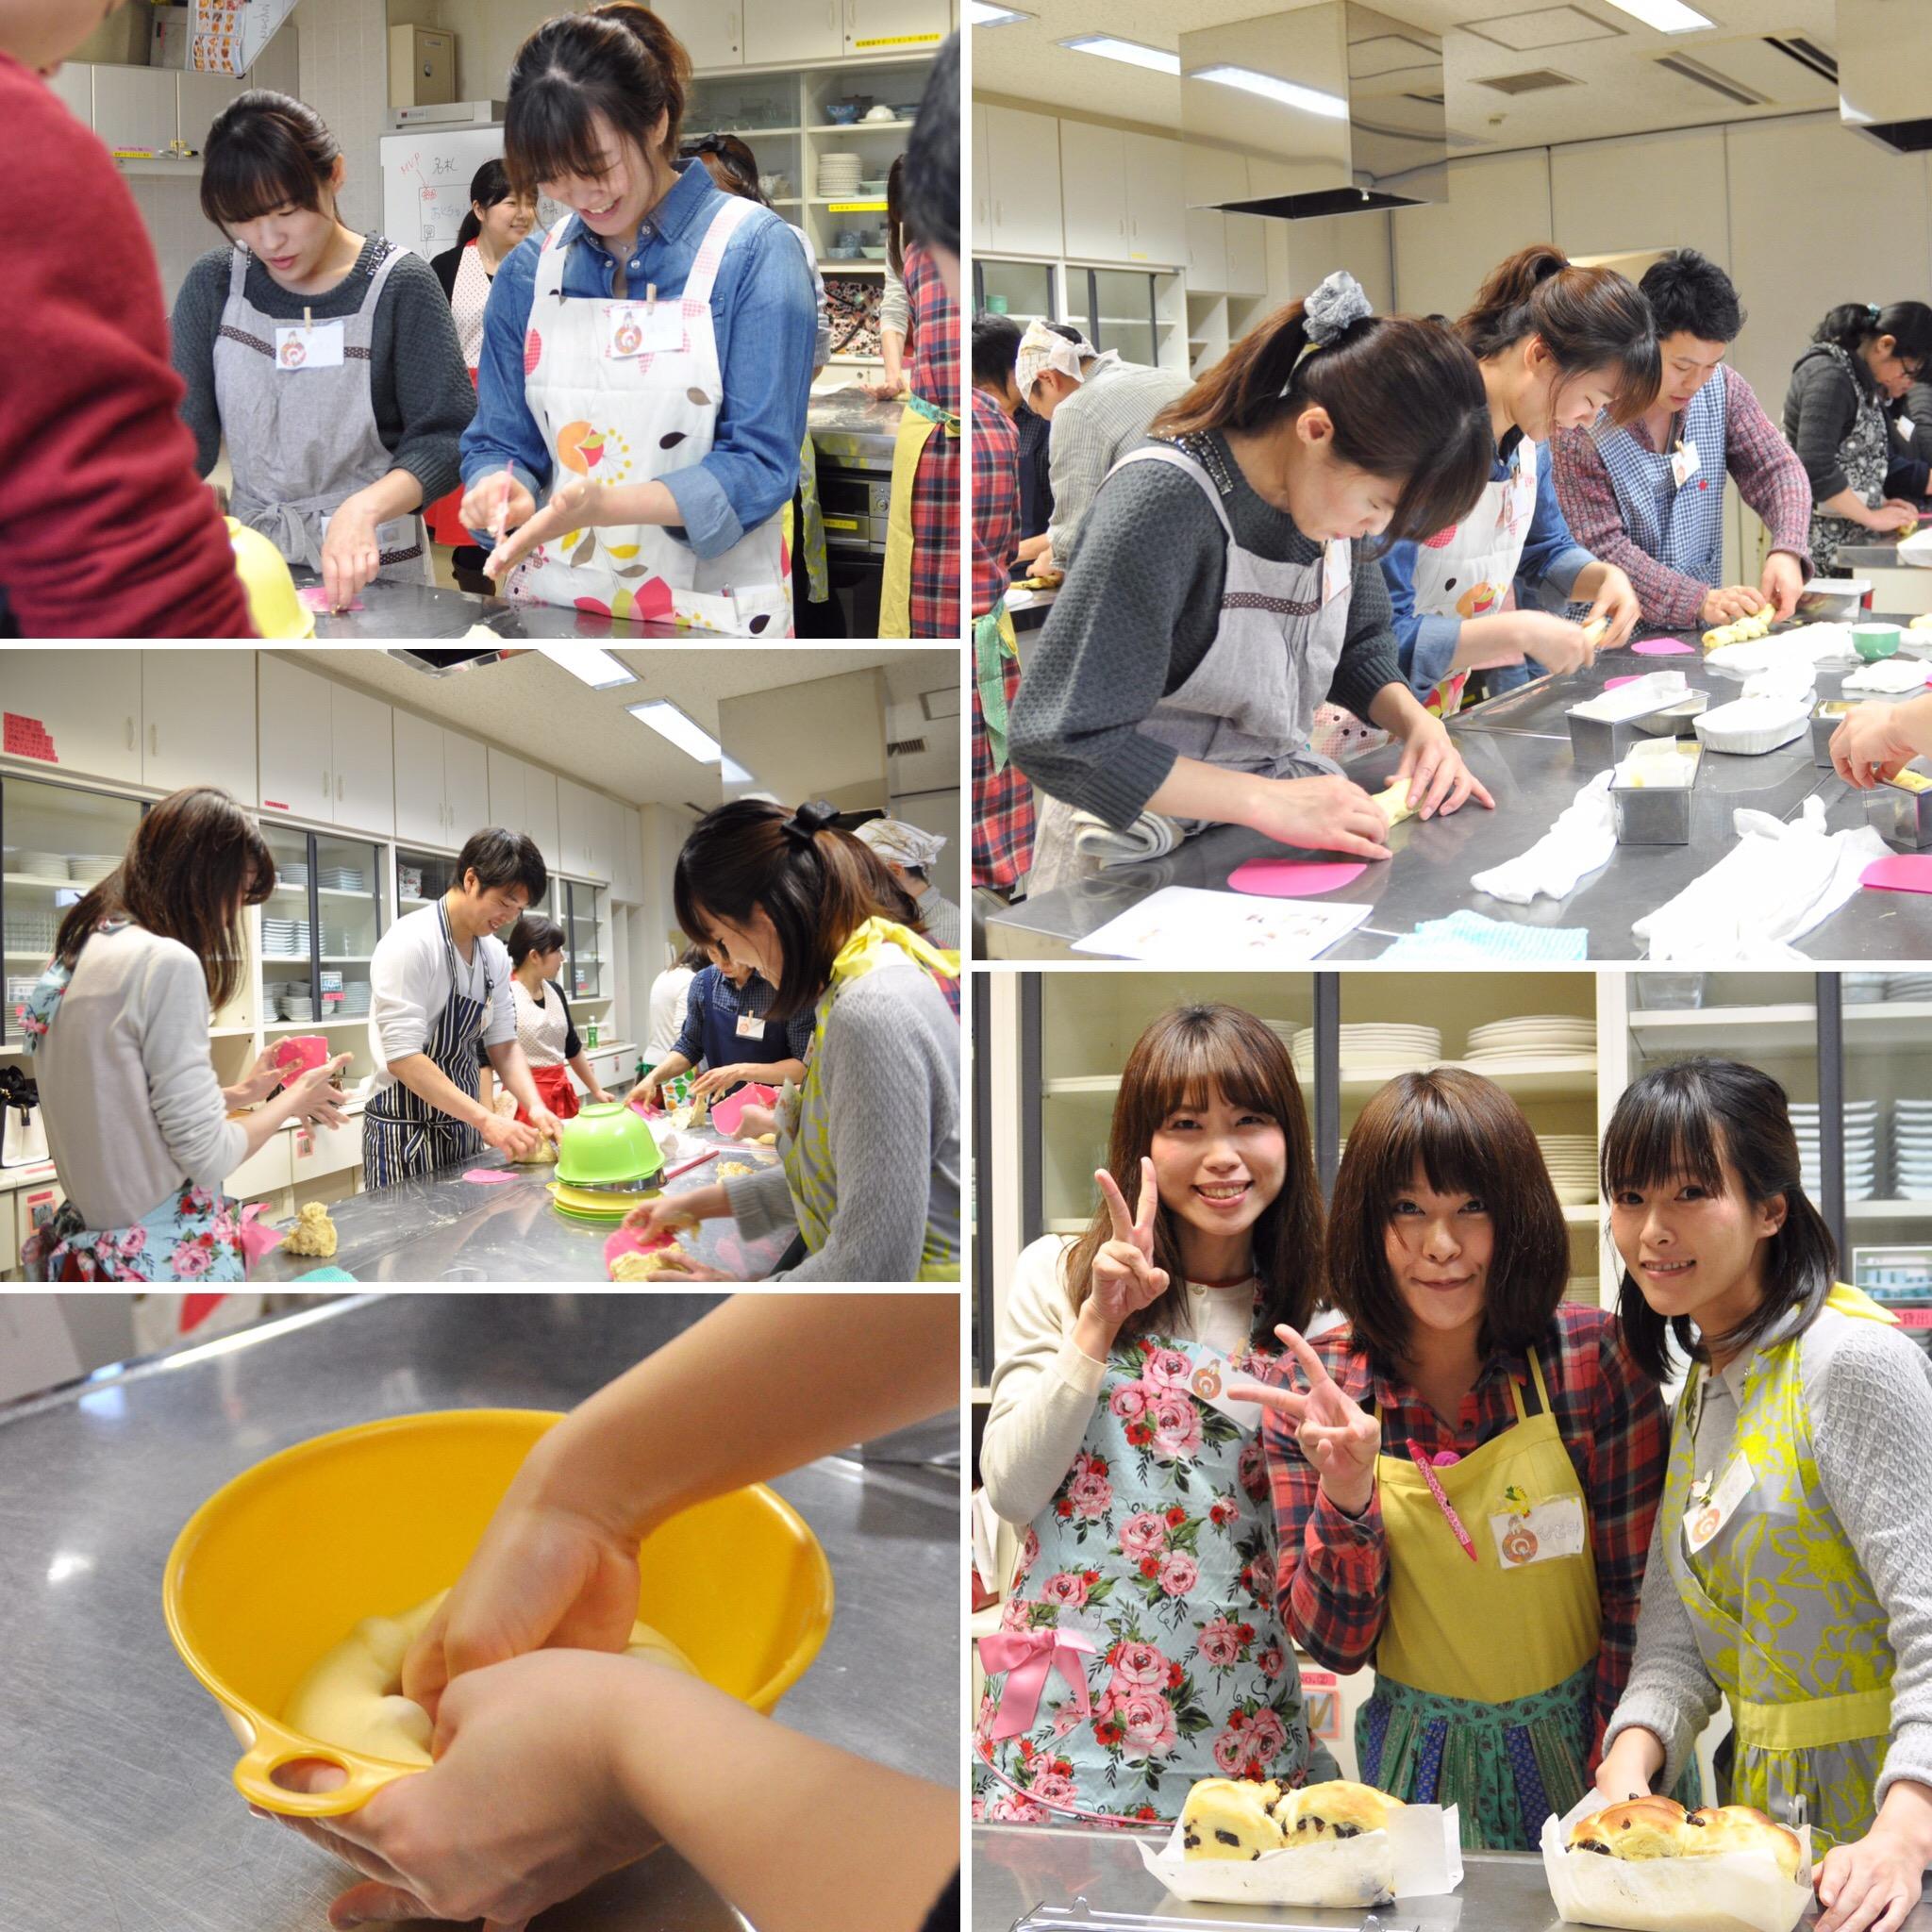 チョコマーブル.手作りパン.江戸川区.オフ会